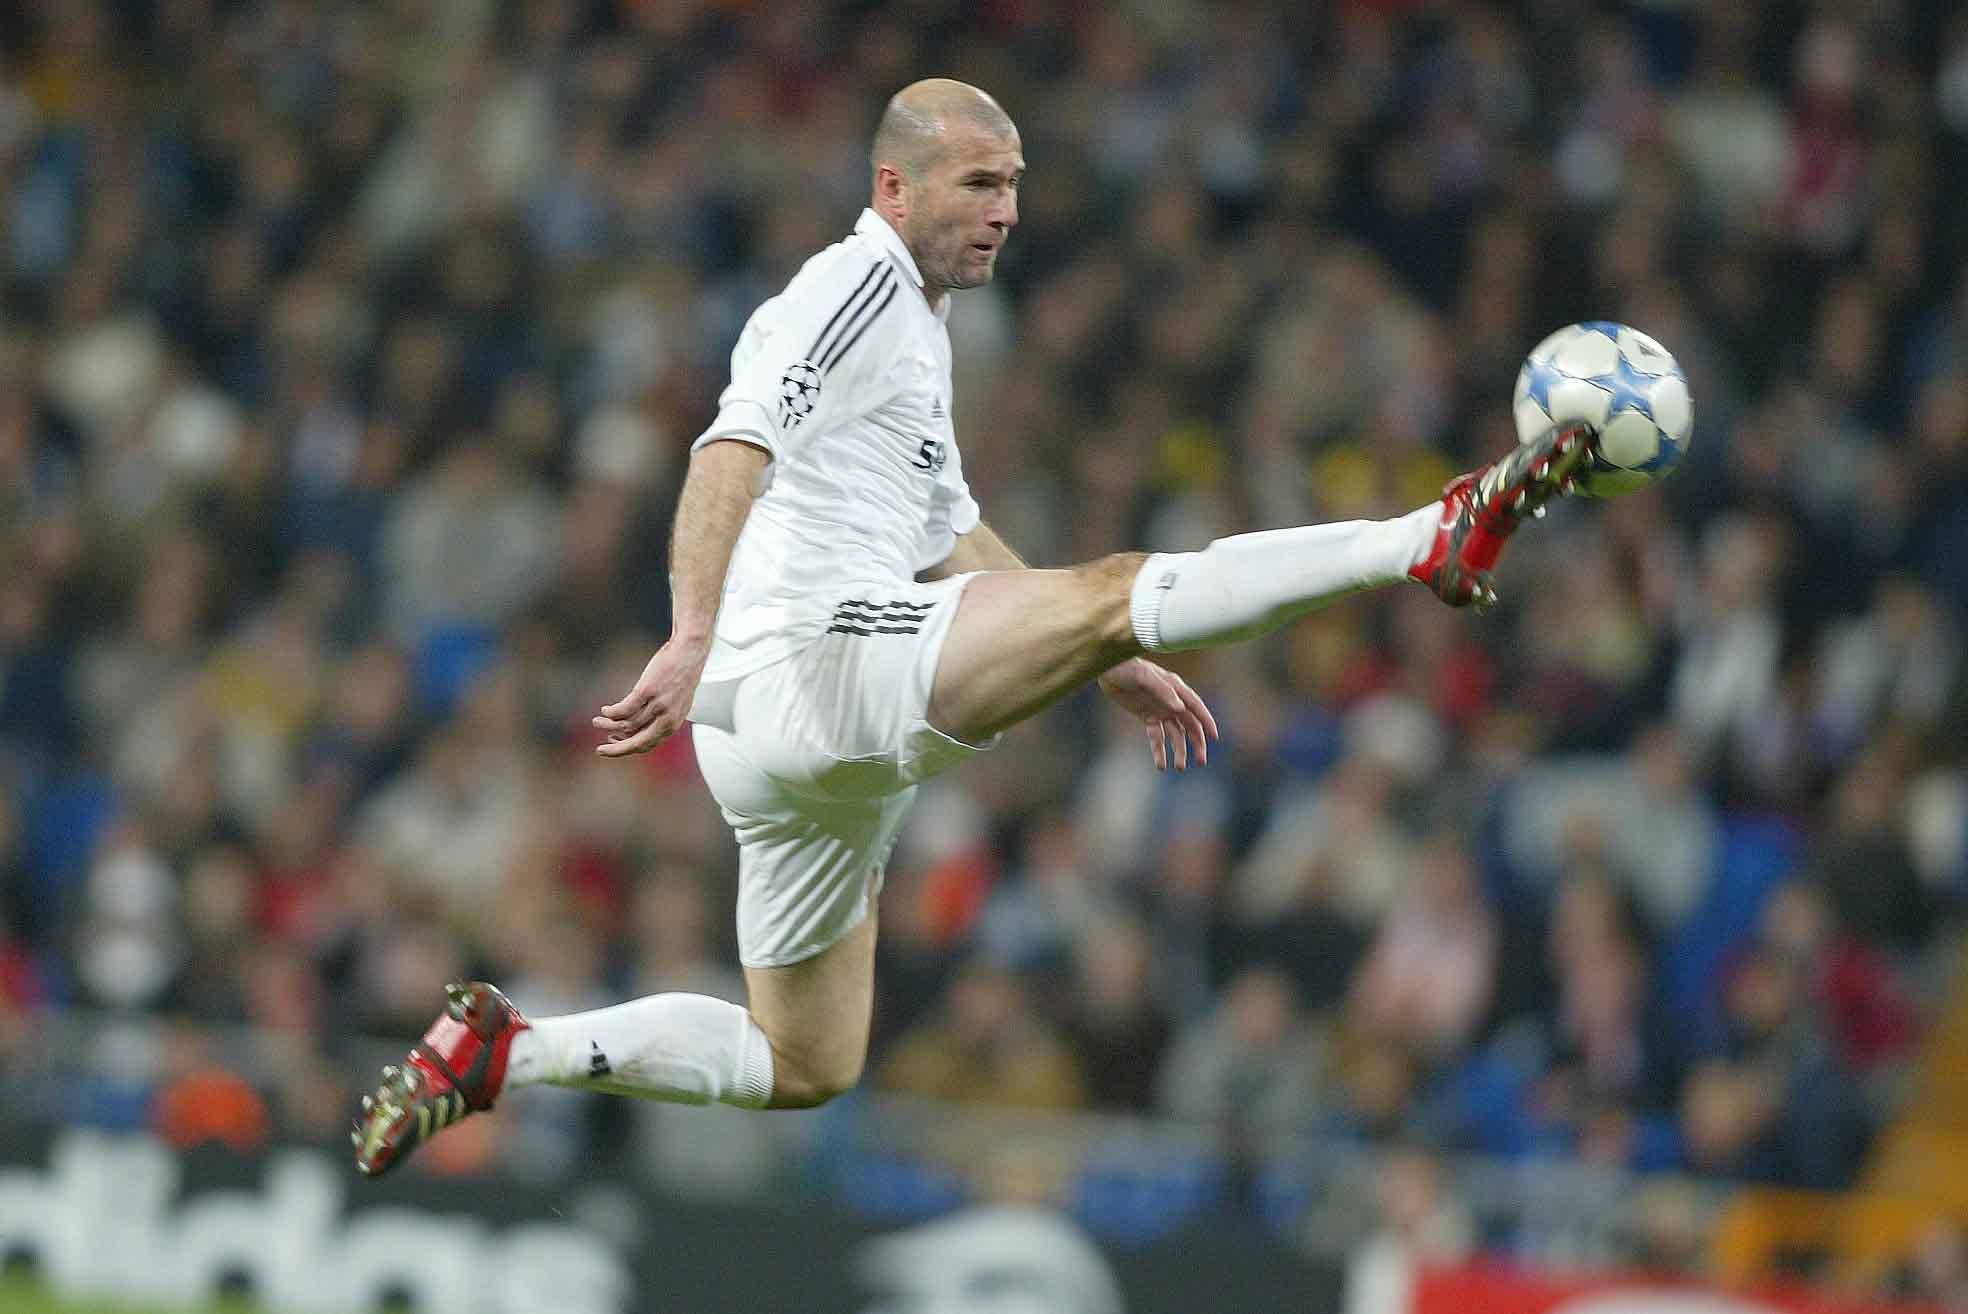 Le portrait de Zinedine Zidane (entraineur du Réal Madrid), tout est fantastique